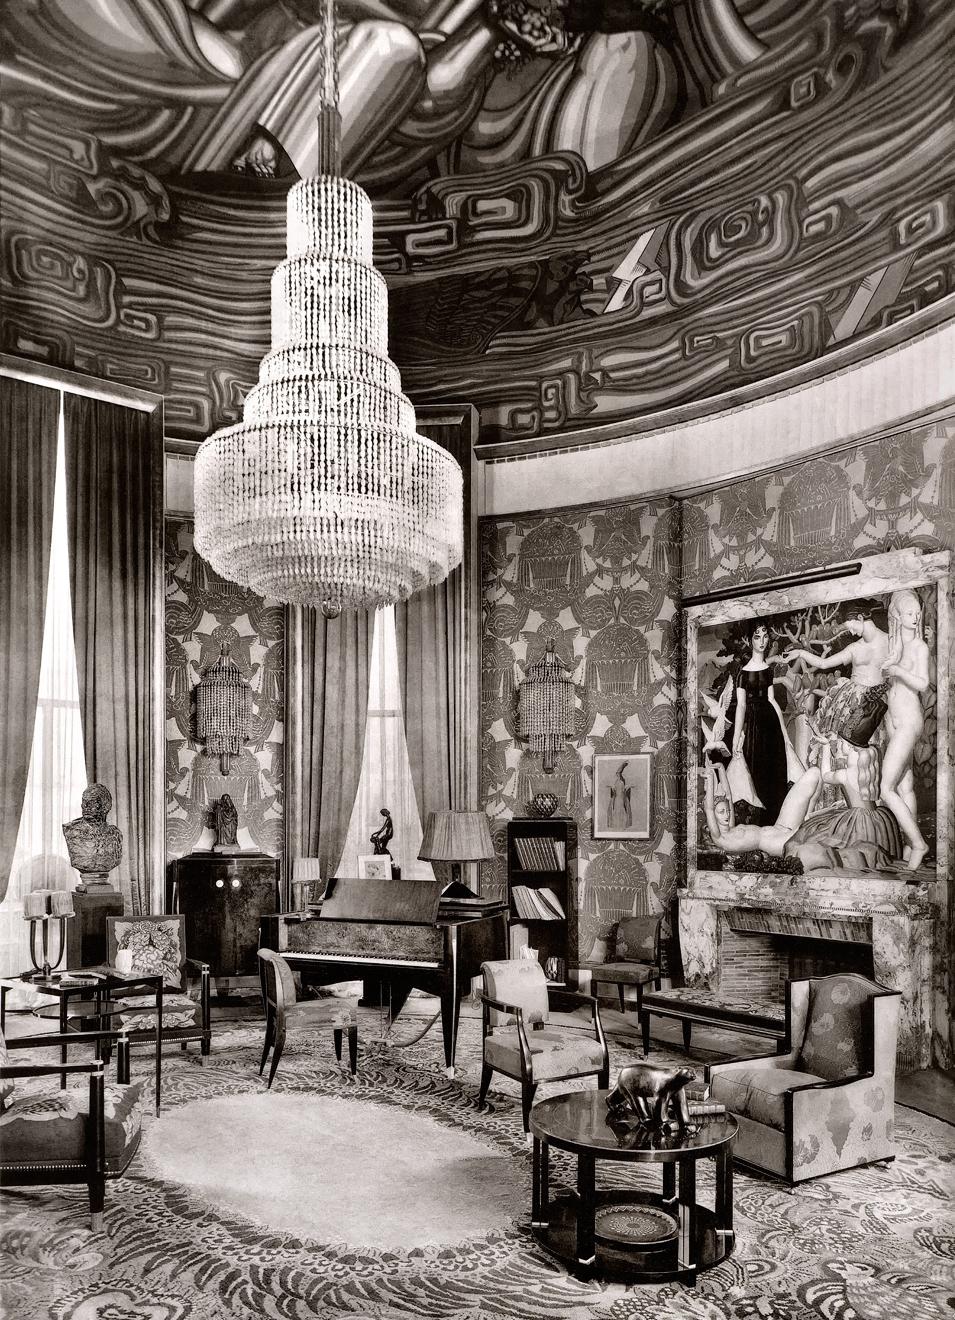 Ruhlmann's Grand Salon exhibit at the  1925 Paris Exposition Internationale des Arts Decoratifs et Industriels Modernes